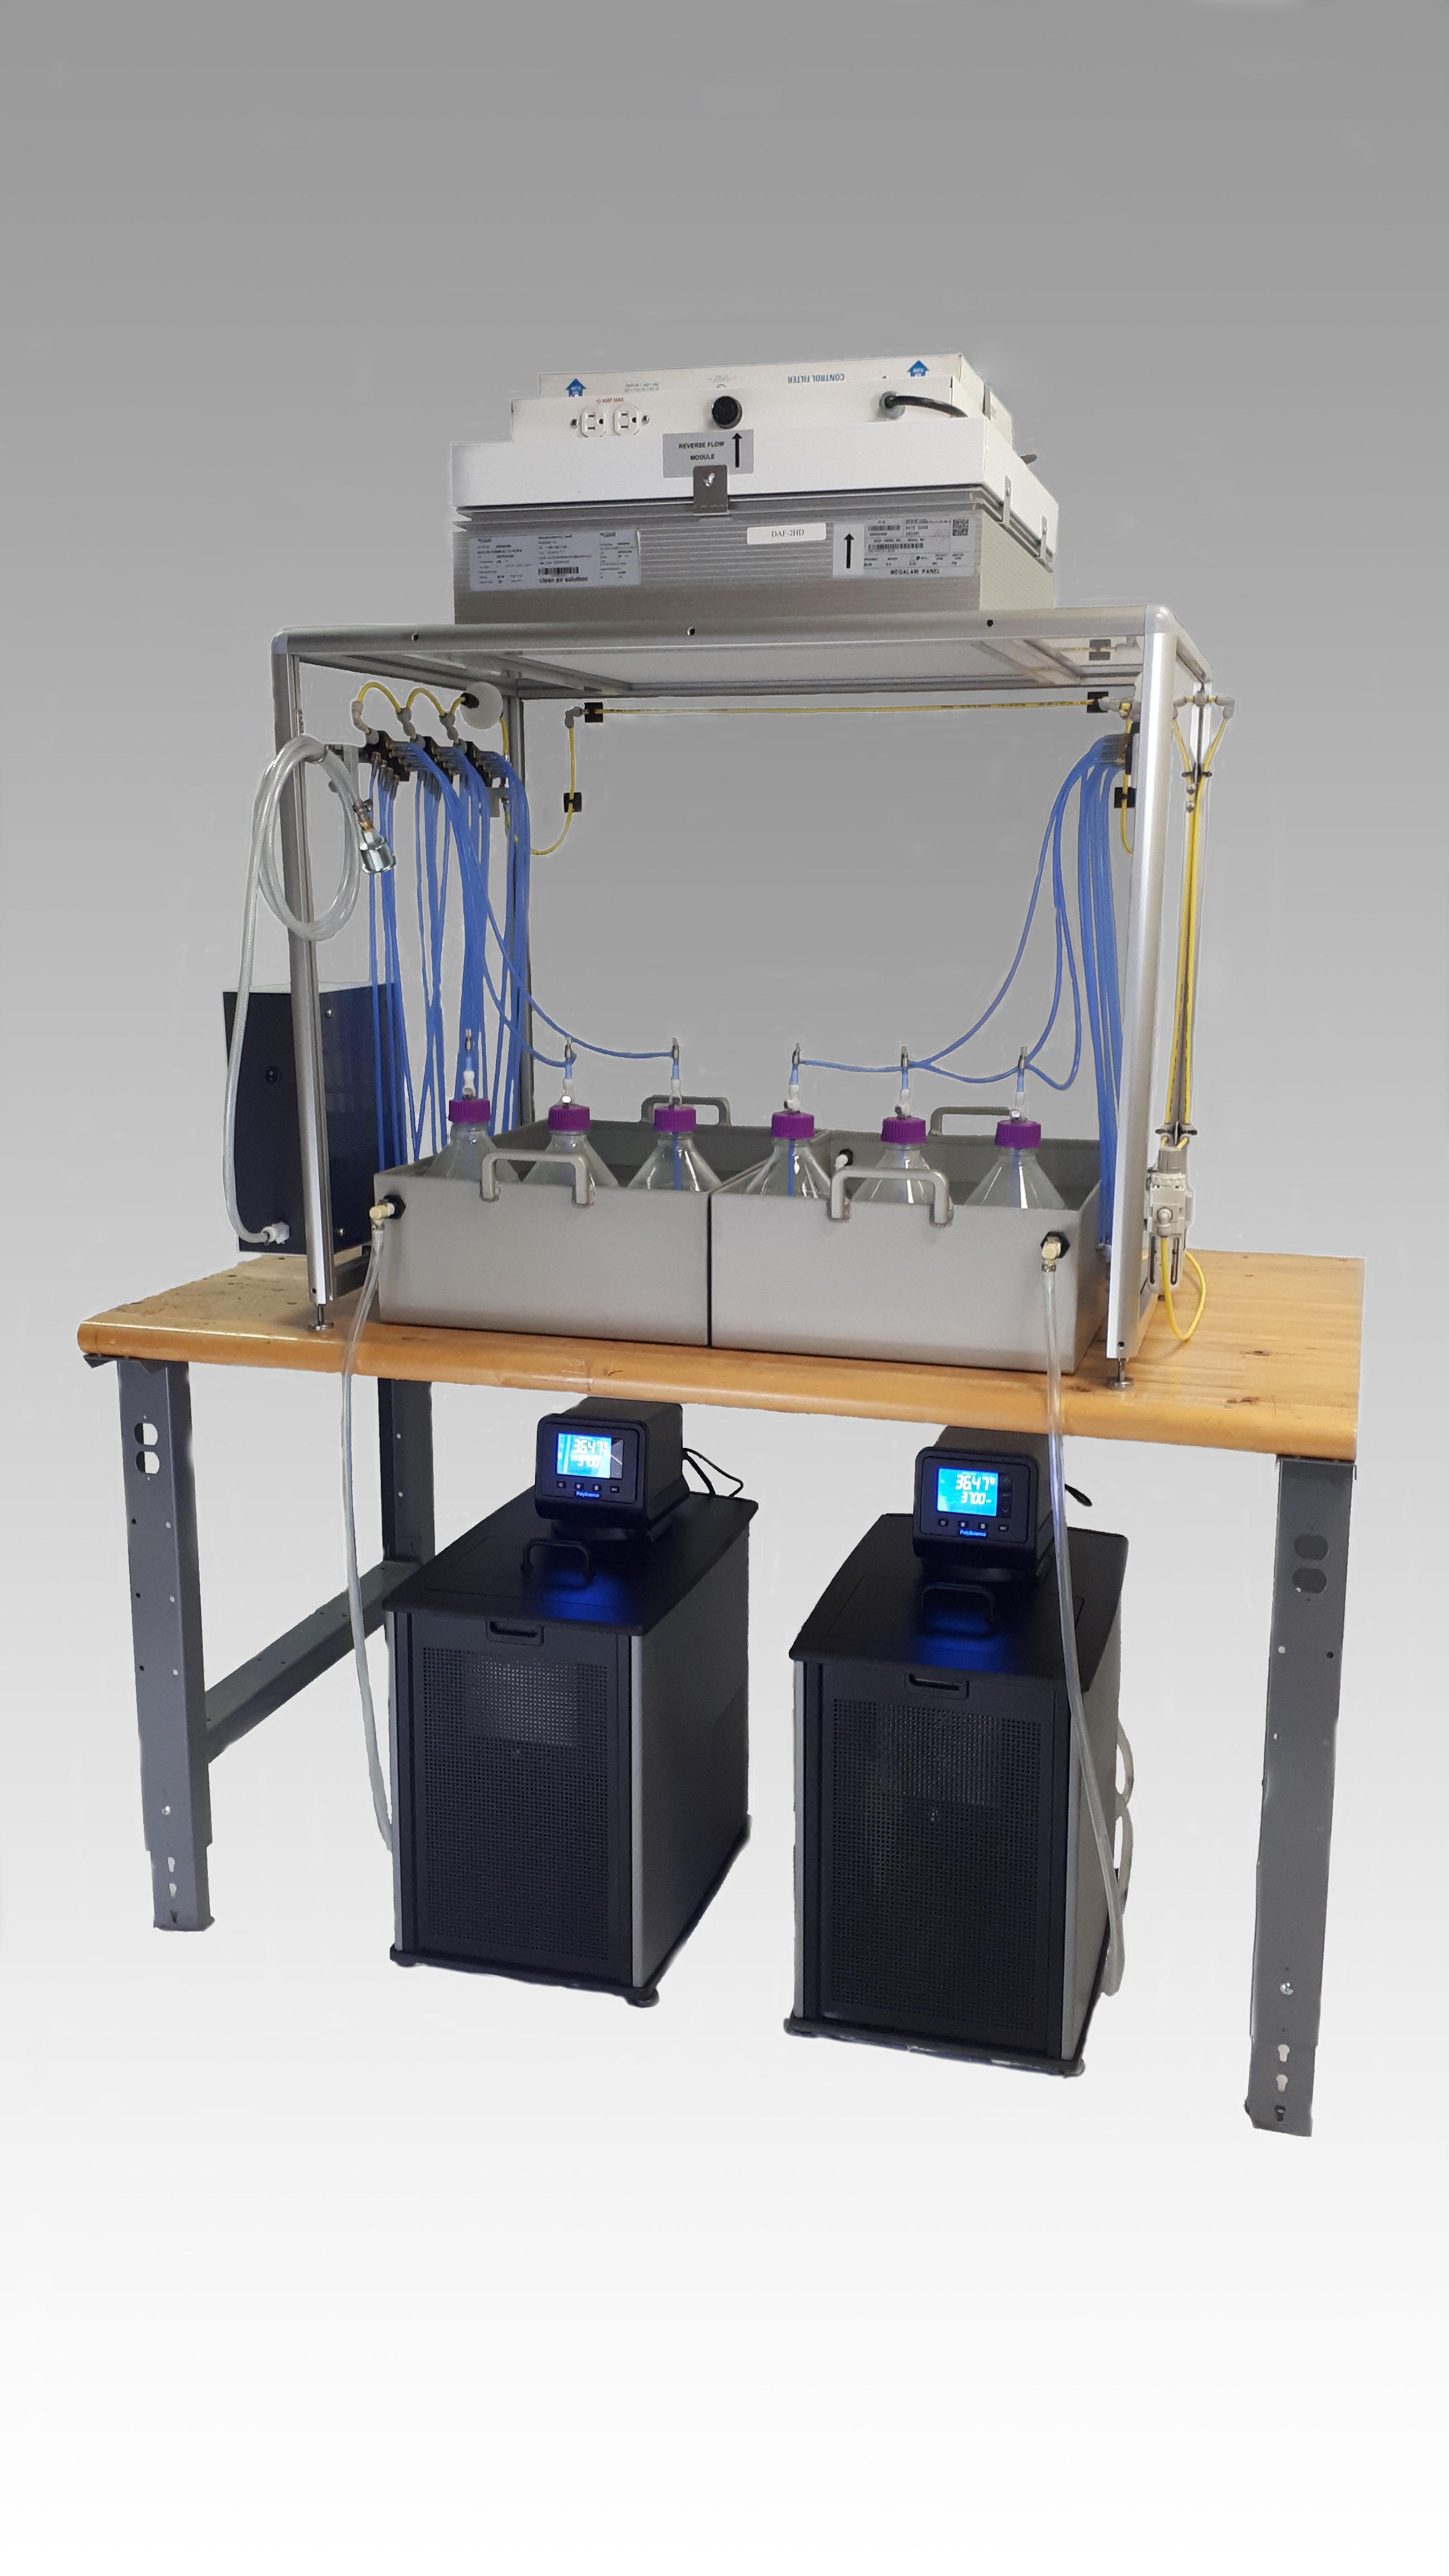 Product photo of LEX-48 Bioreactor